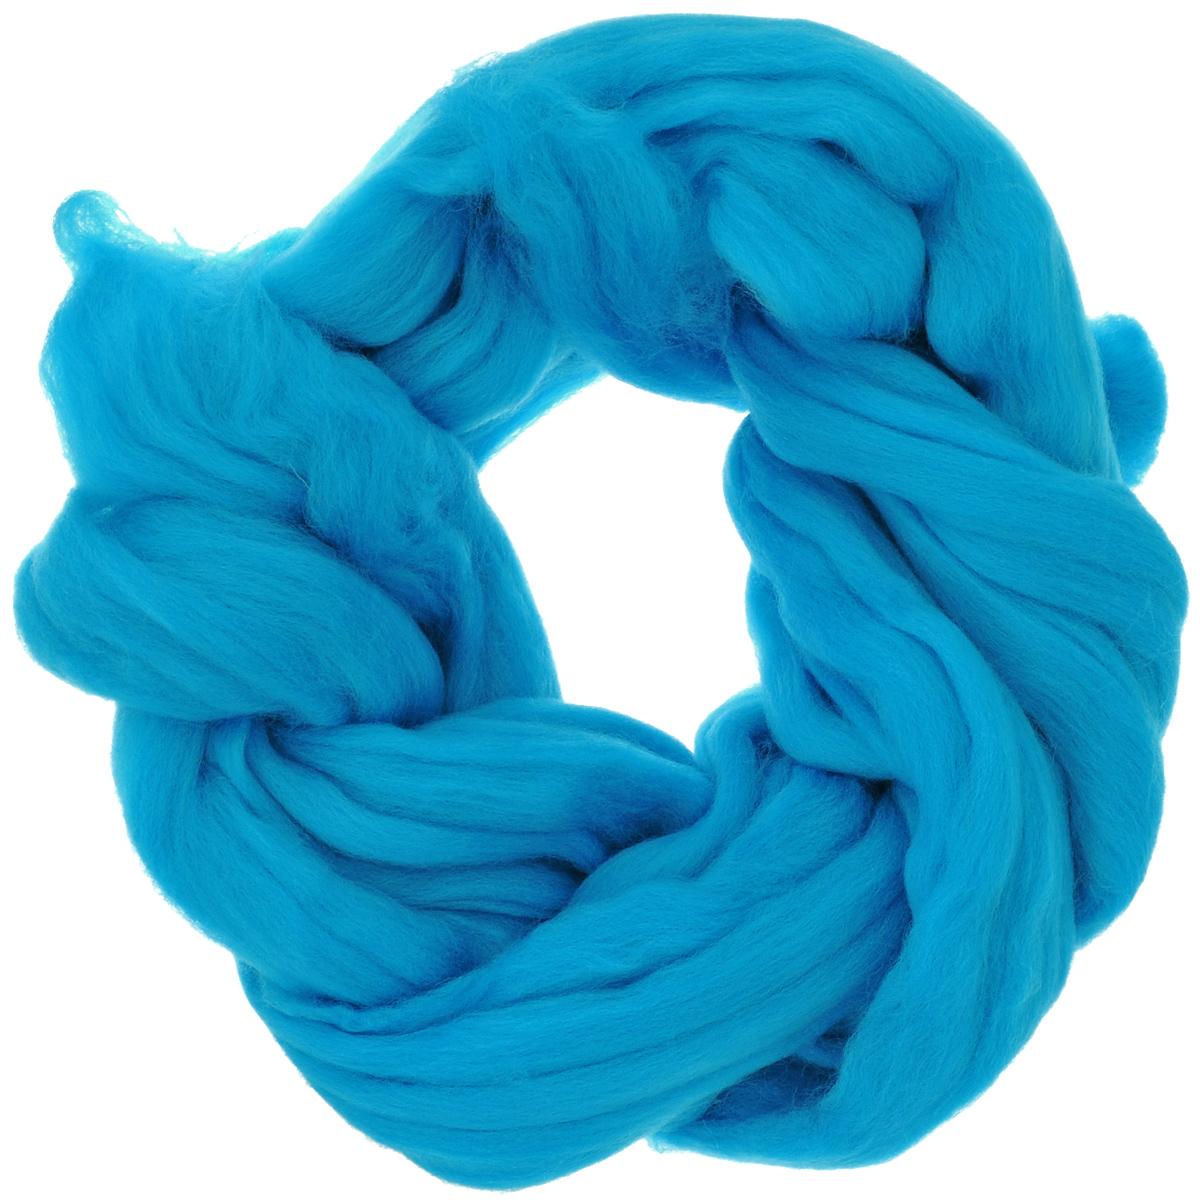 Шерсть для валяния Астра, тонкая, цвет: голубая бирюза (0473), 100 г366137_0473